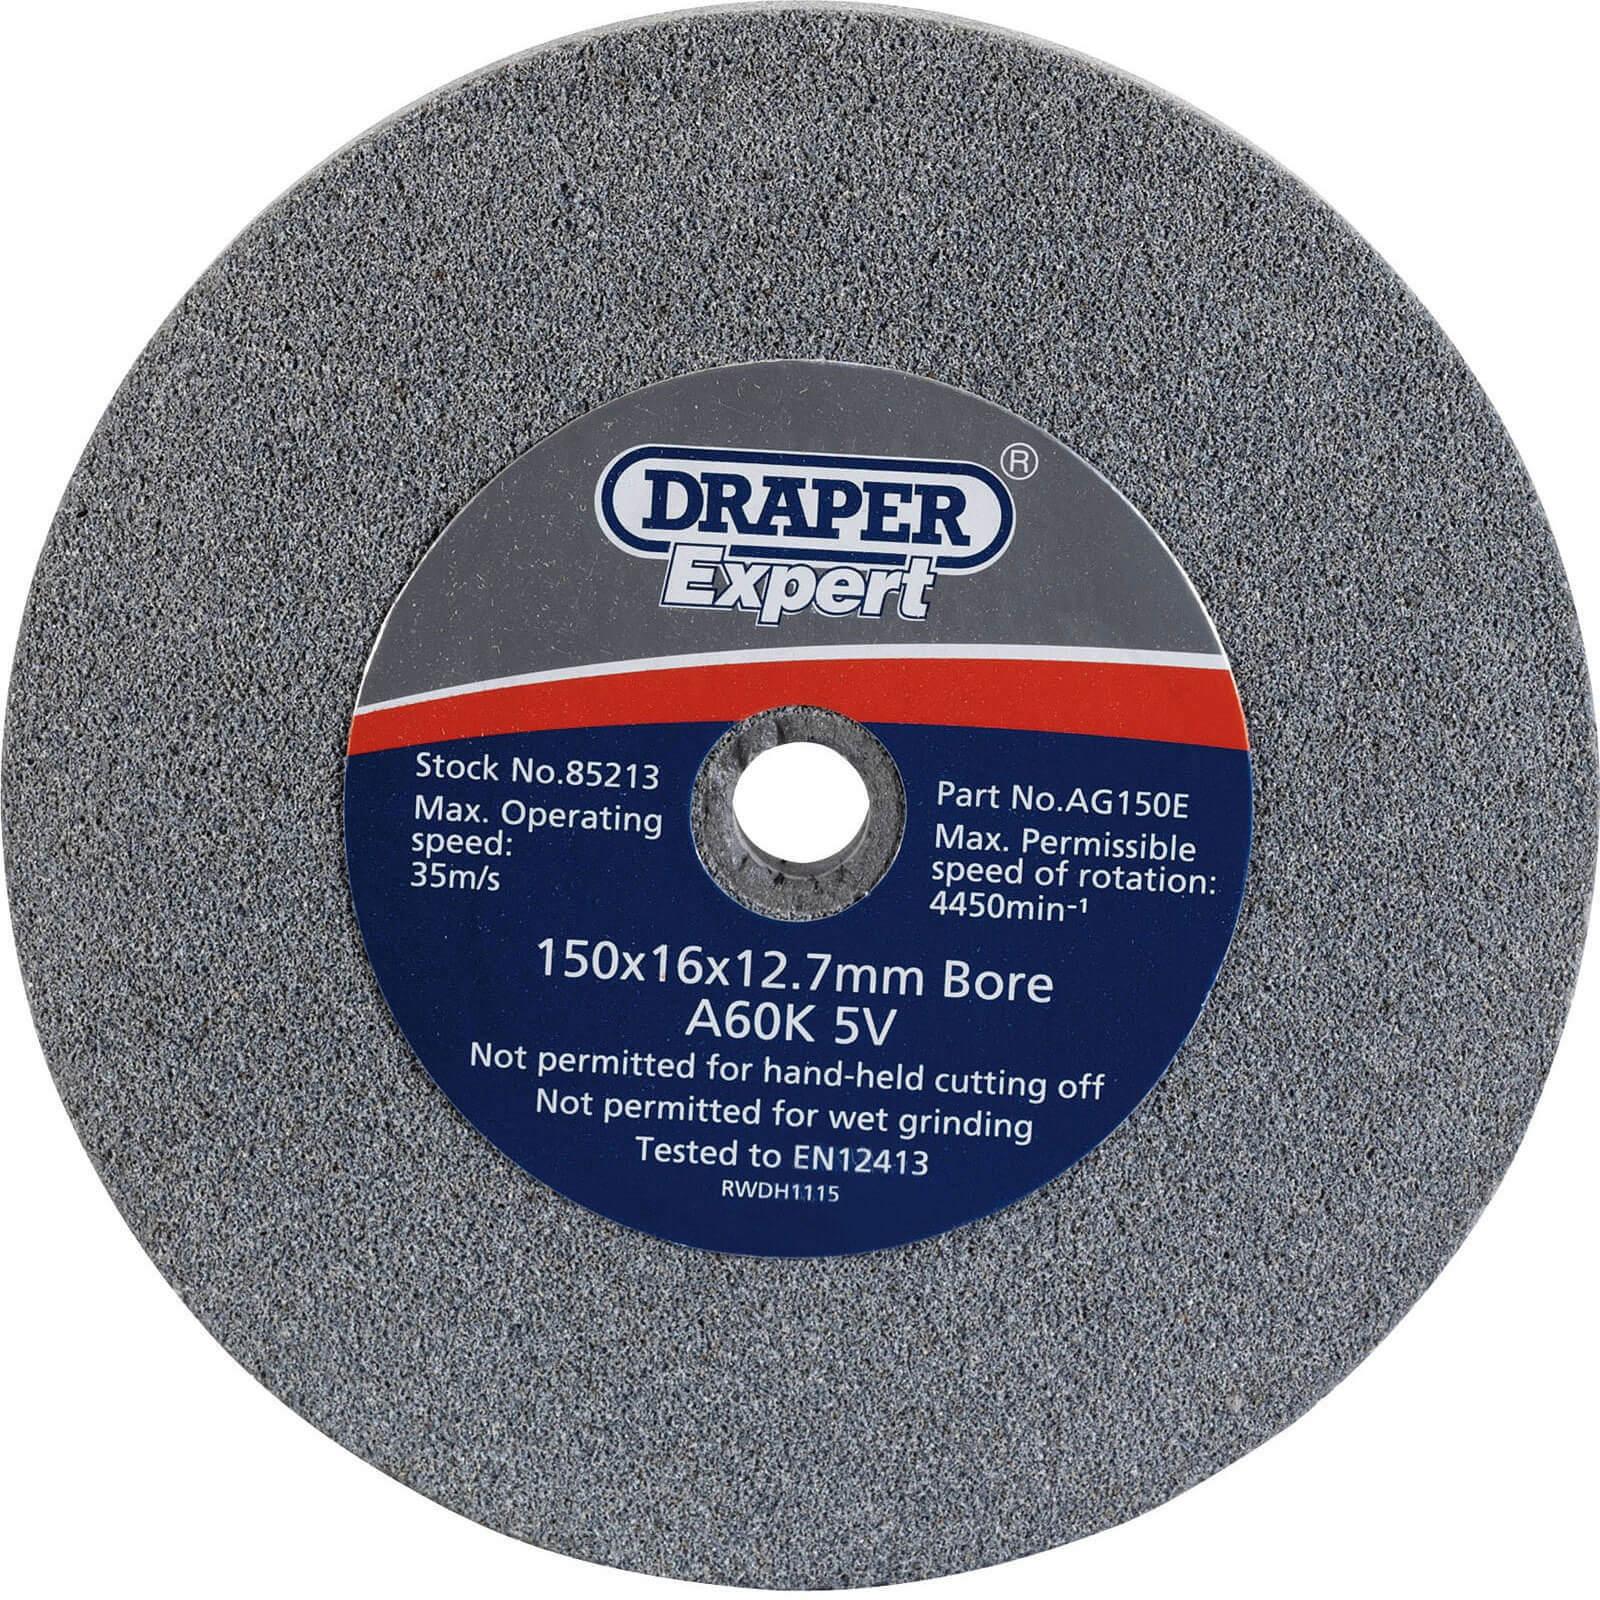 Image of Draper Expert Bench Grinding Wheel 150mm 16mm 60g